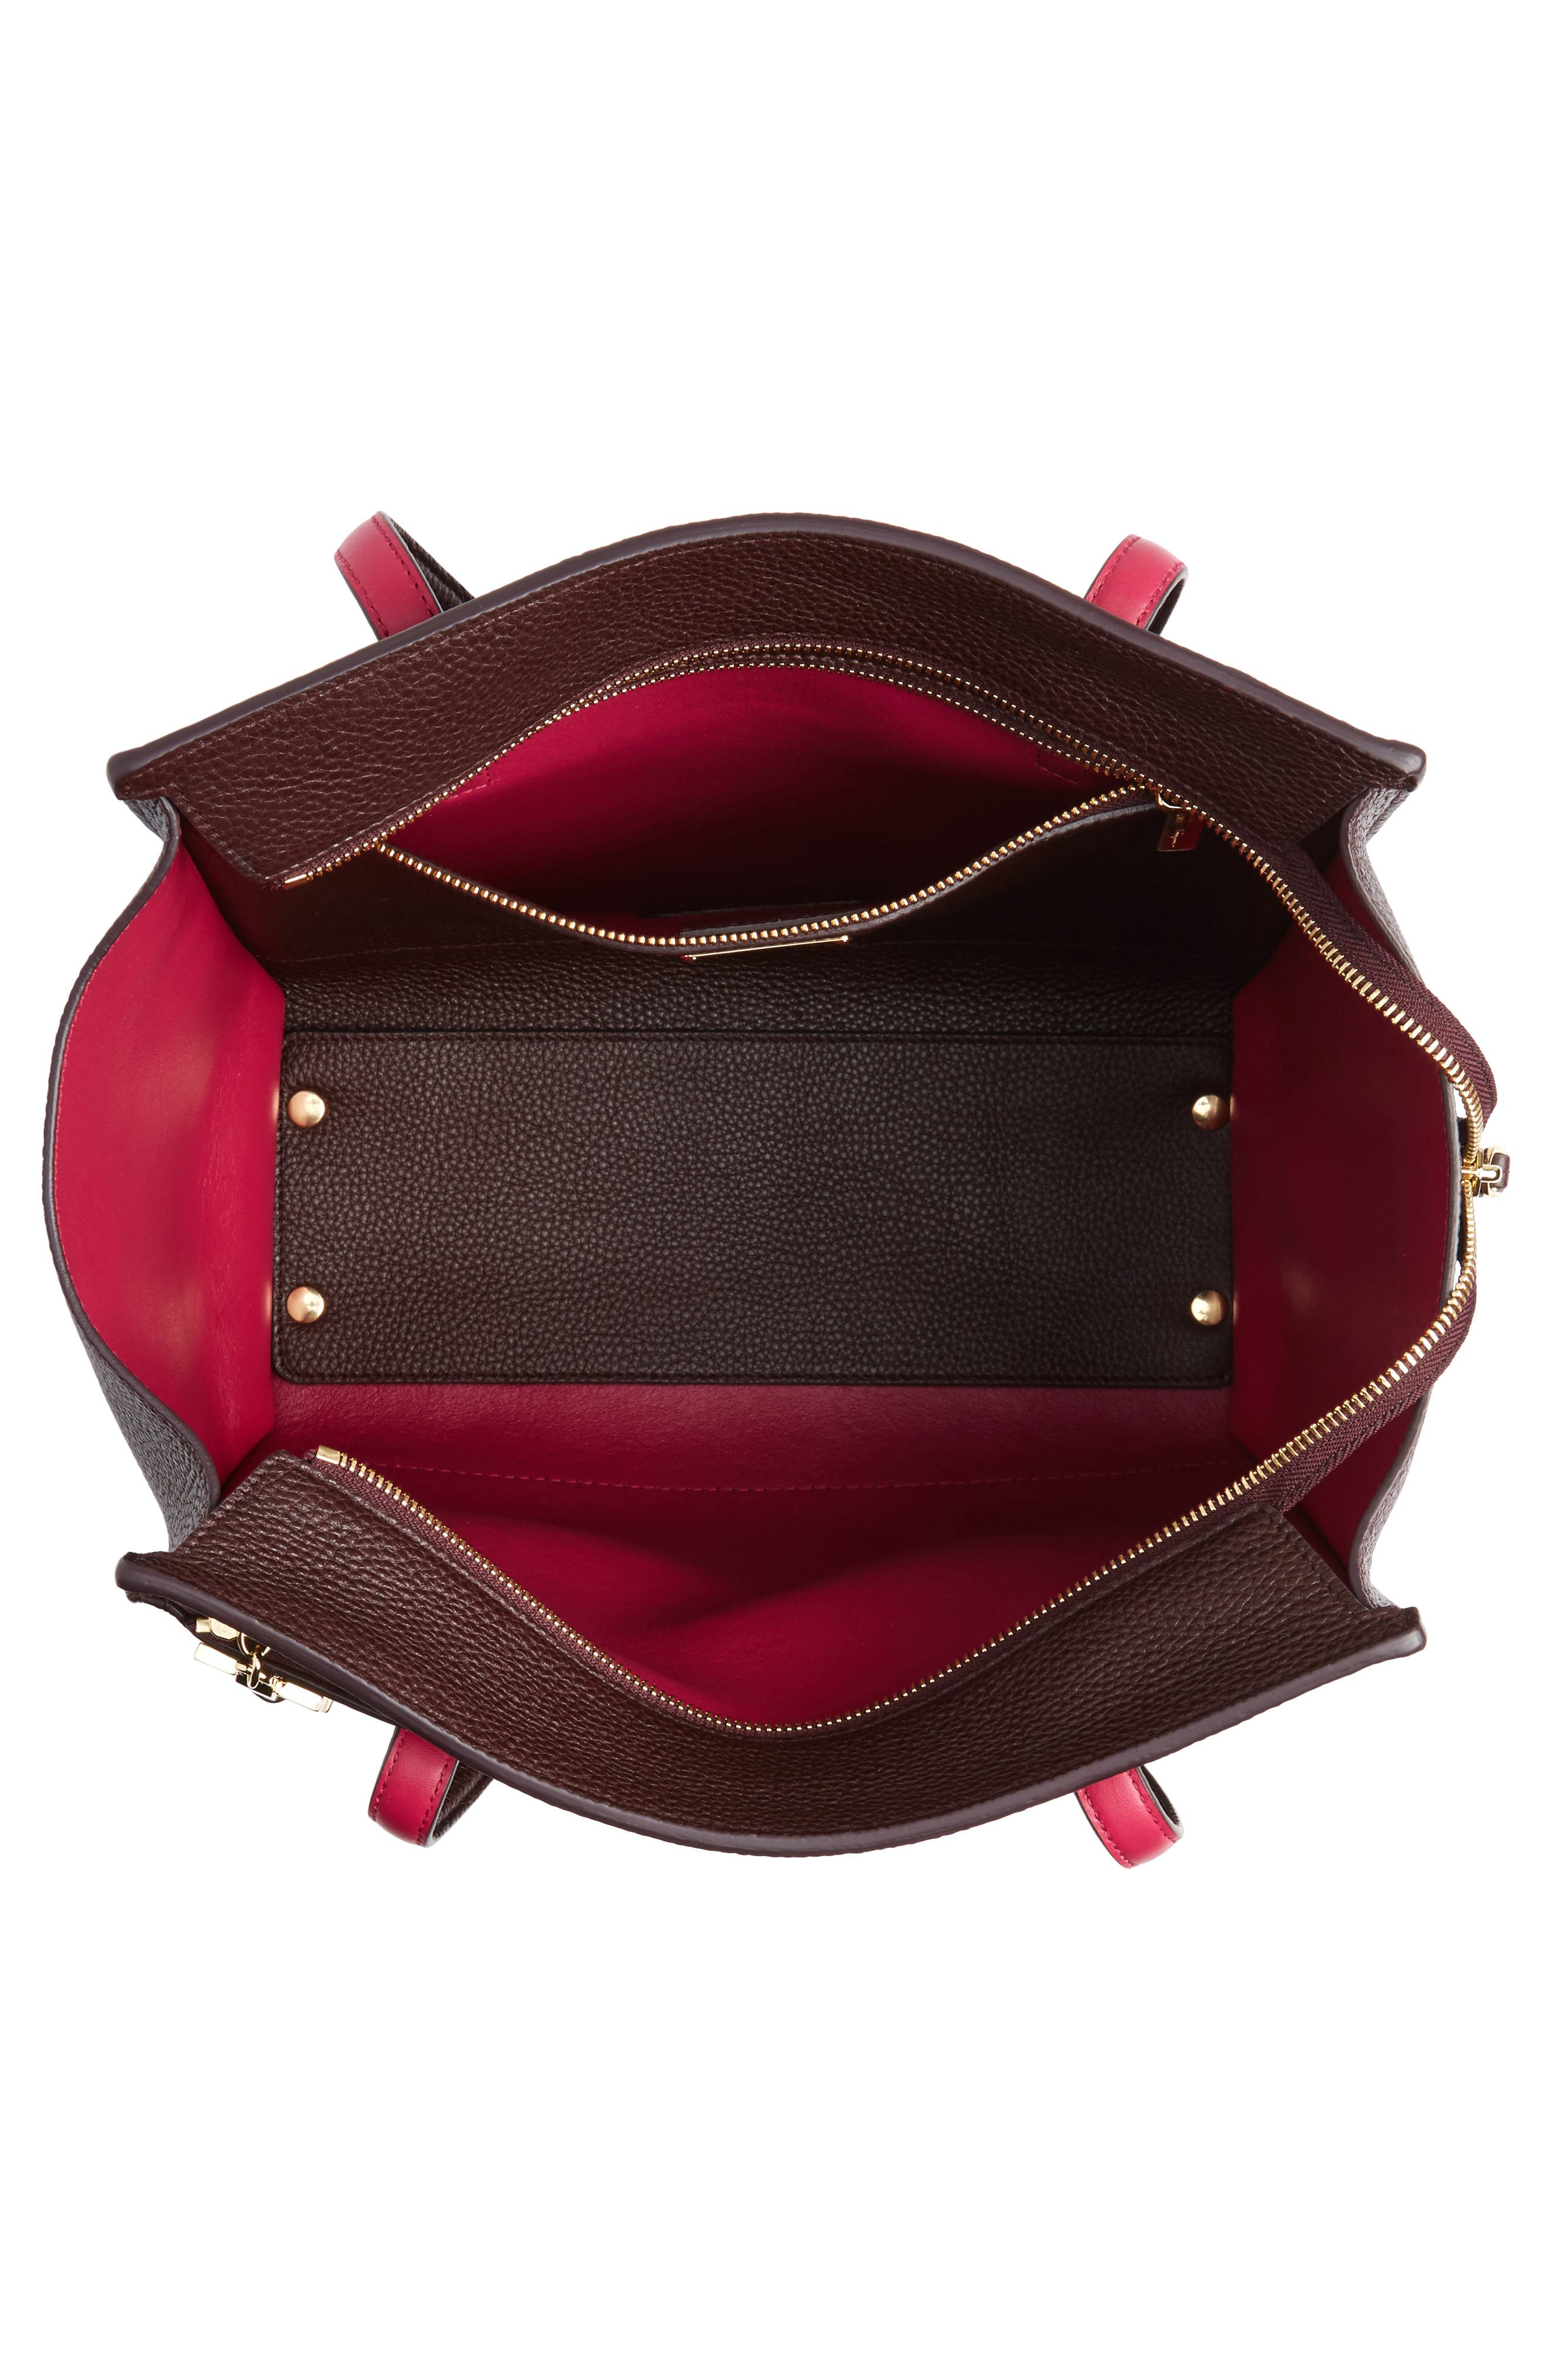 Alternate Image 3  - Salvatore Ferragamo Medium Bicolor Leather Tote